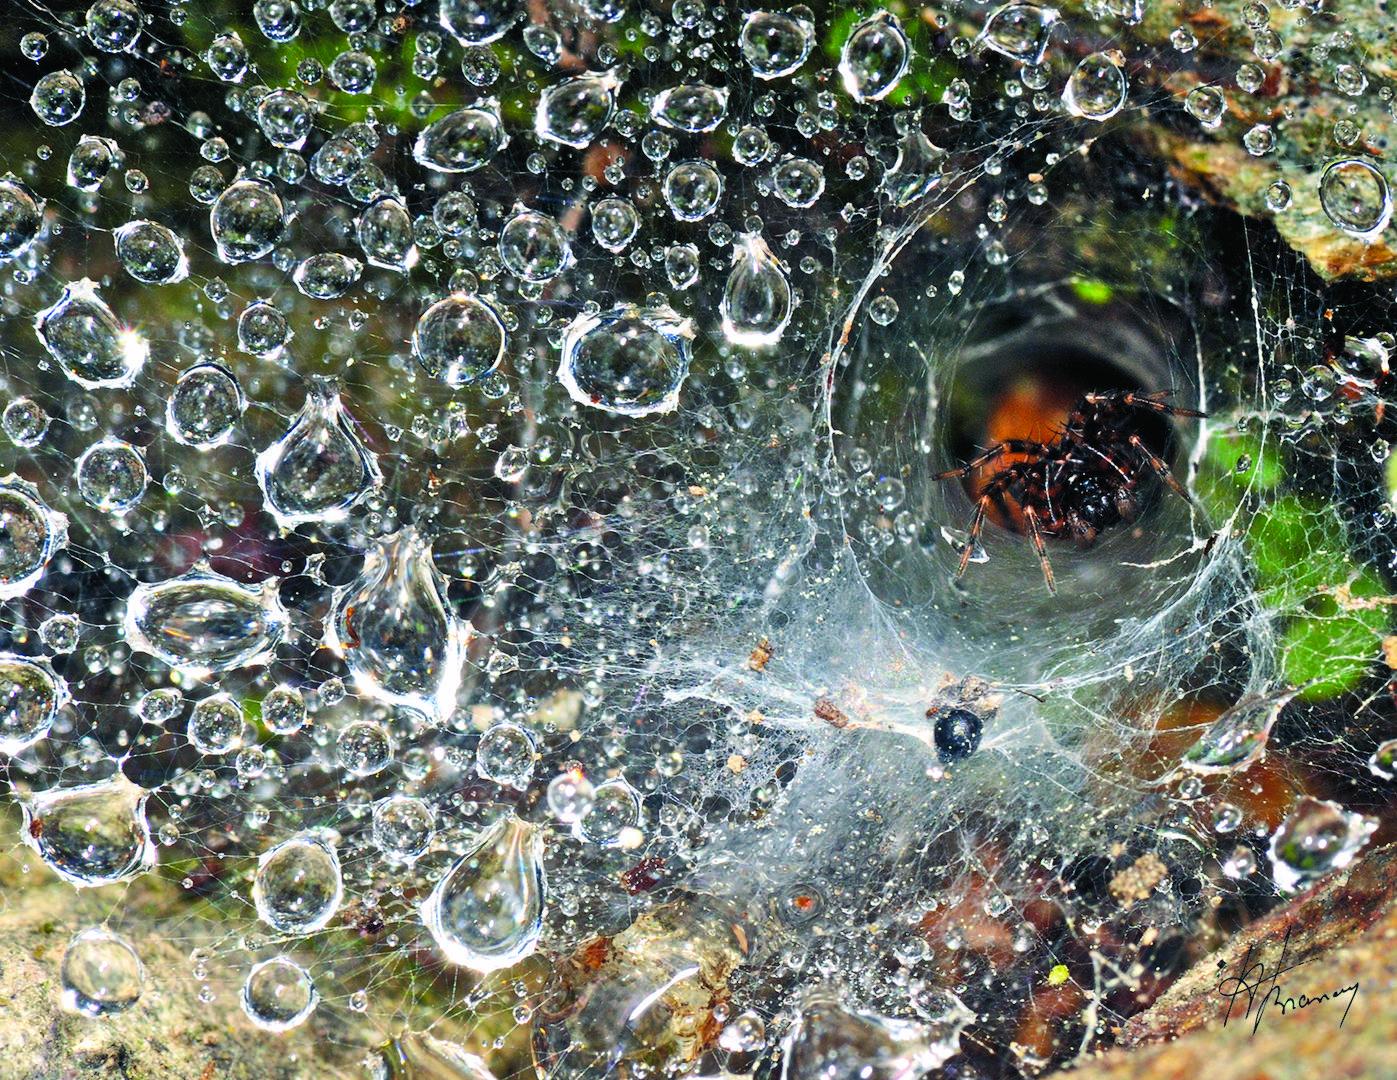 Après la pluie l'araignée inspecte sa toile a la recherche de nouvelles proies.